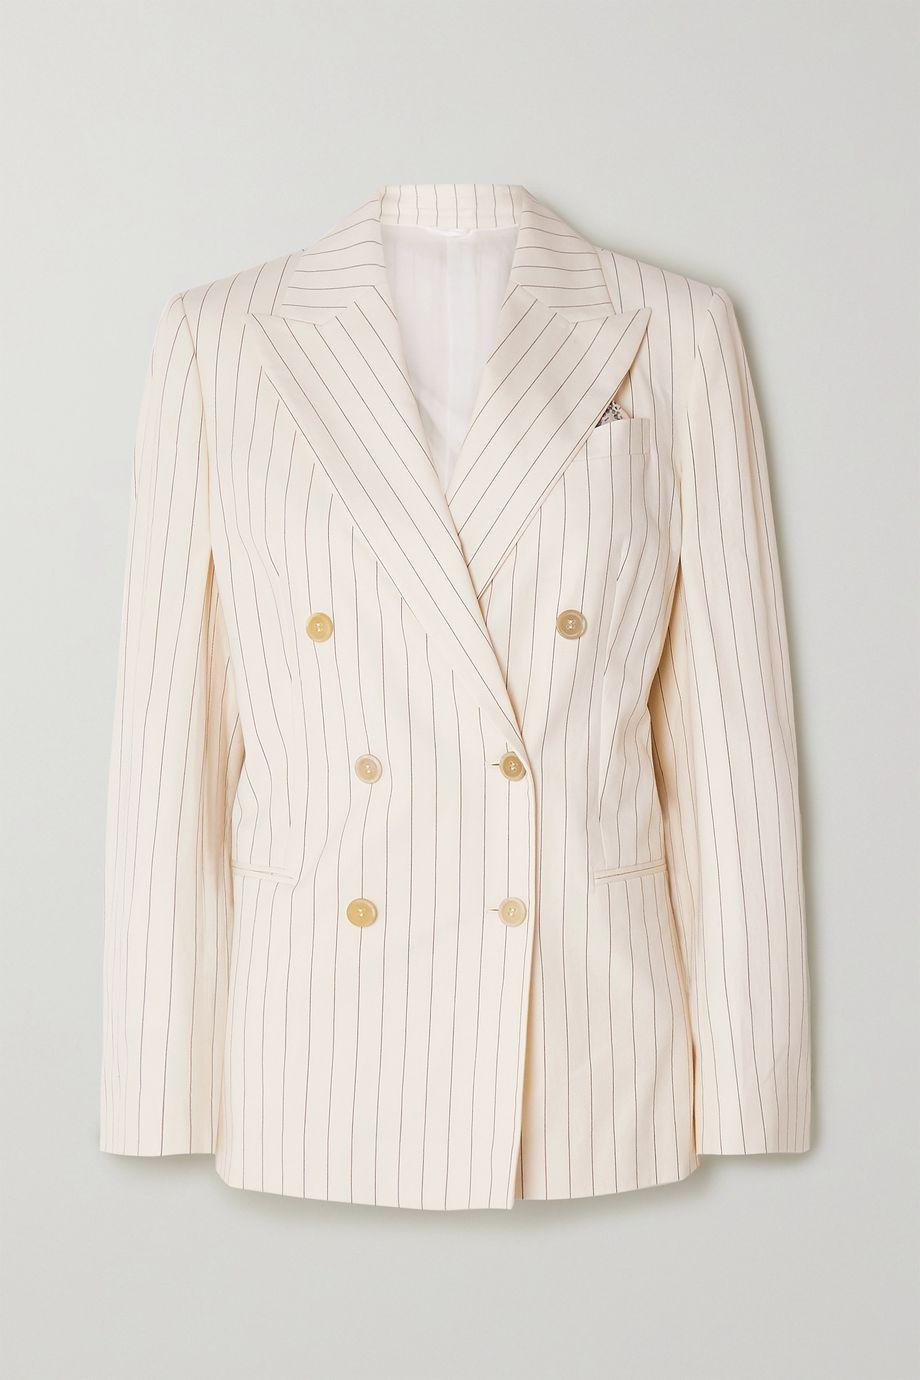 Brunello Cucinelli Doppelreihiger Blazer aus Popeline aus einer Baumwollmischung mit Nadelstreifen